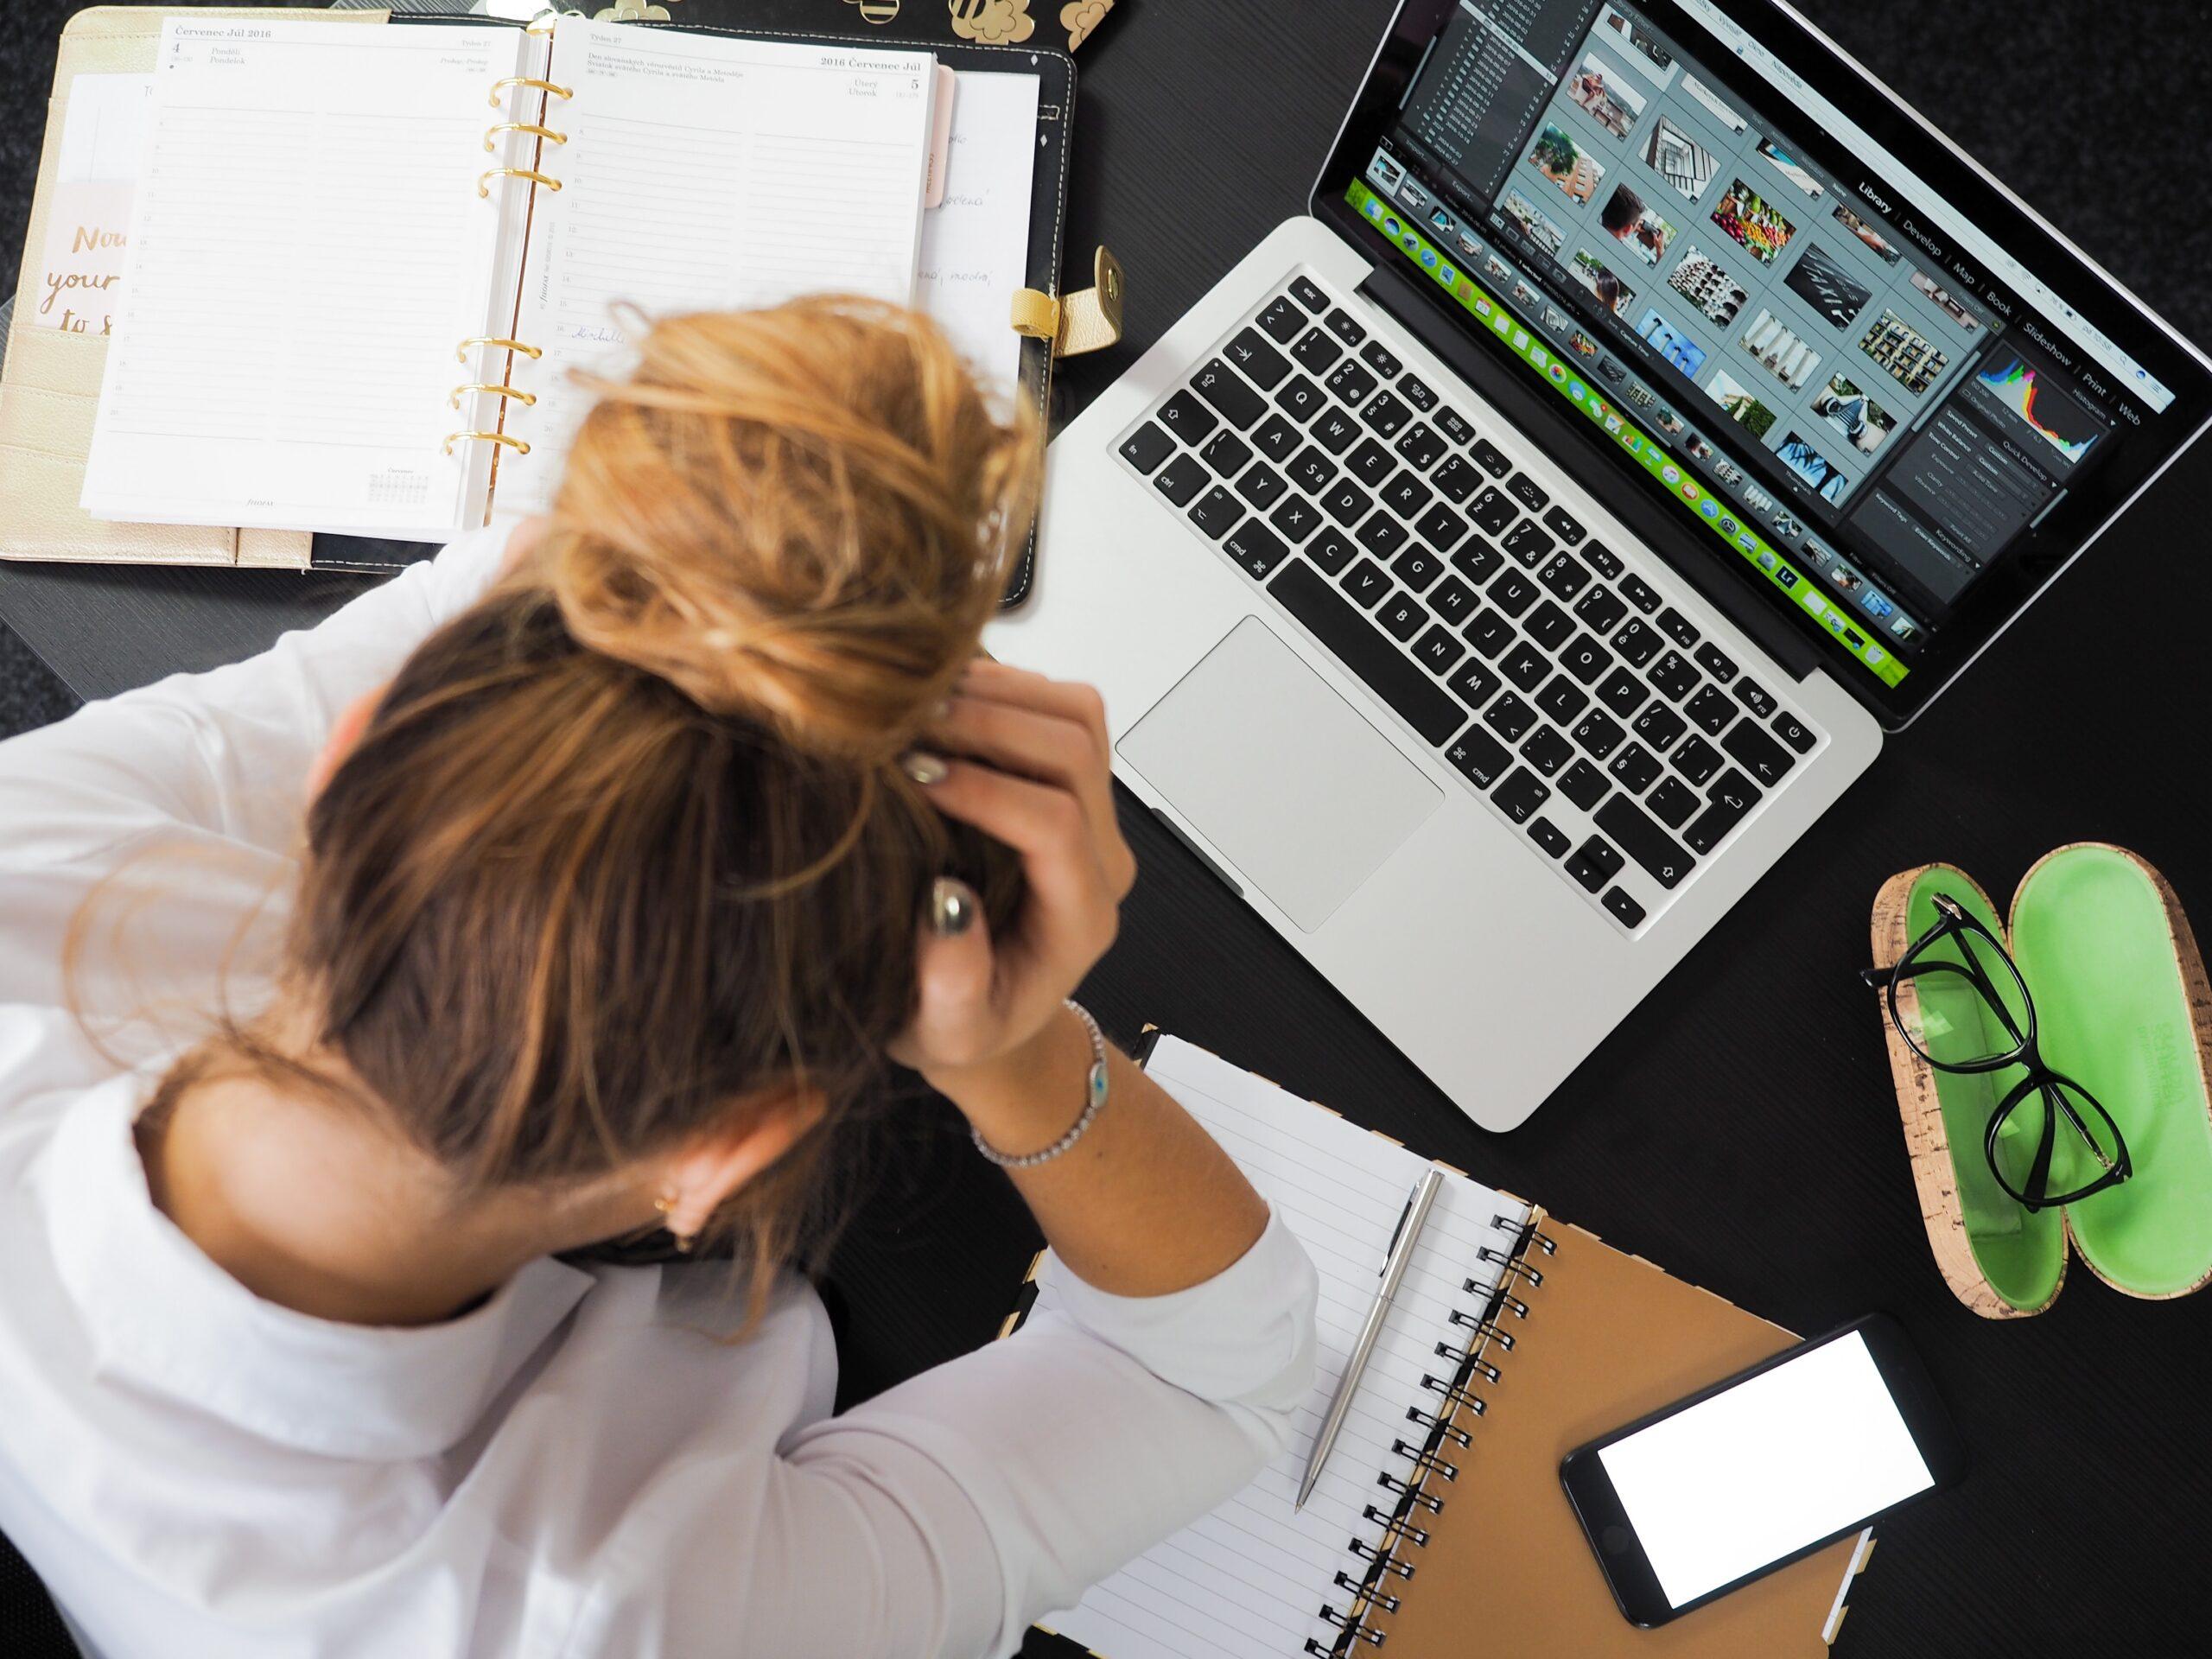 Krisen kan også opstå på arbejdet